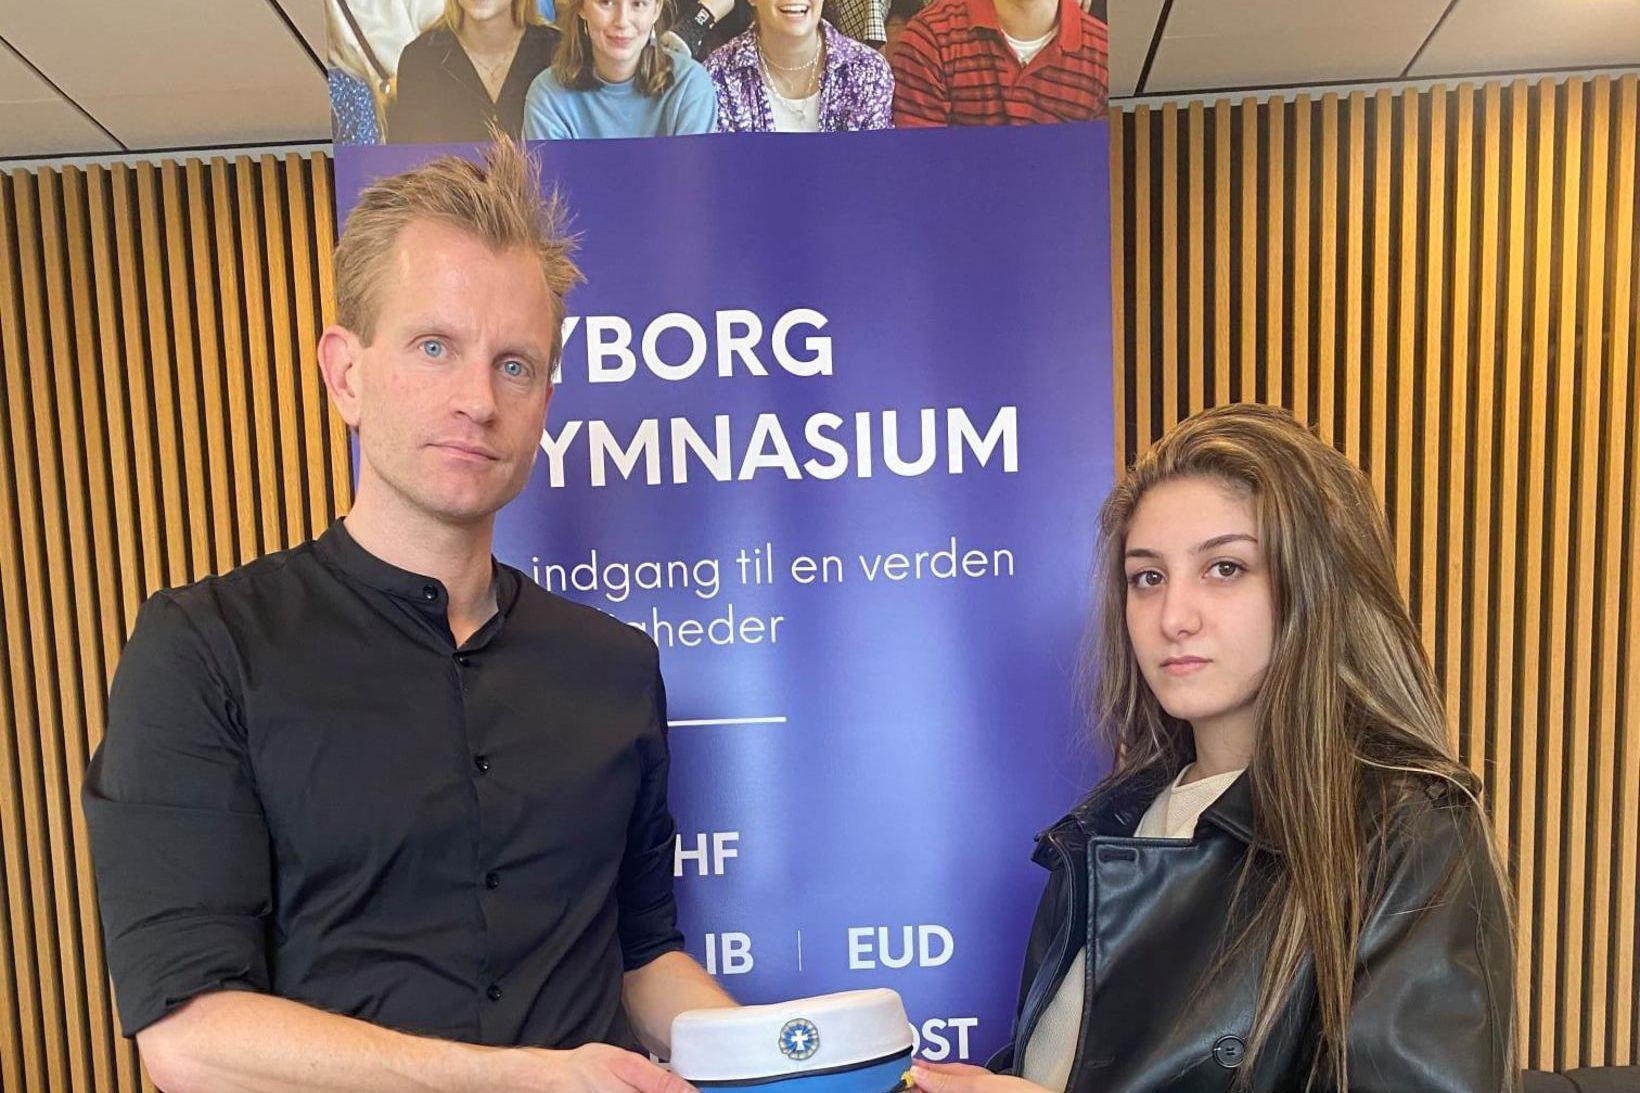 Aya Abu-Daher ásamt Henrik Stokholm, skólastjóra í Nyborg Gymnasium. Mál …